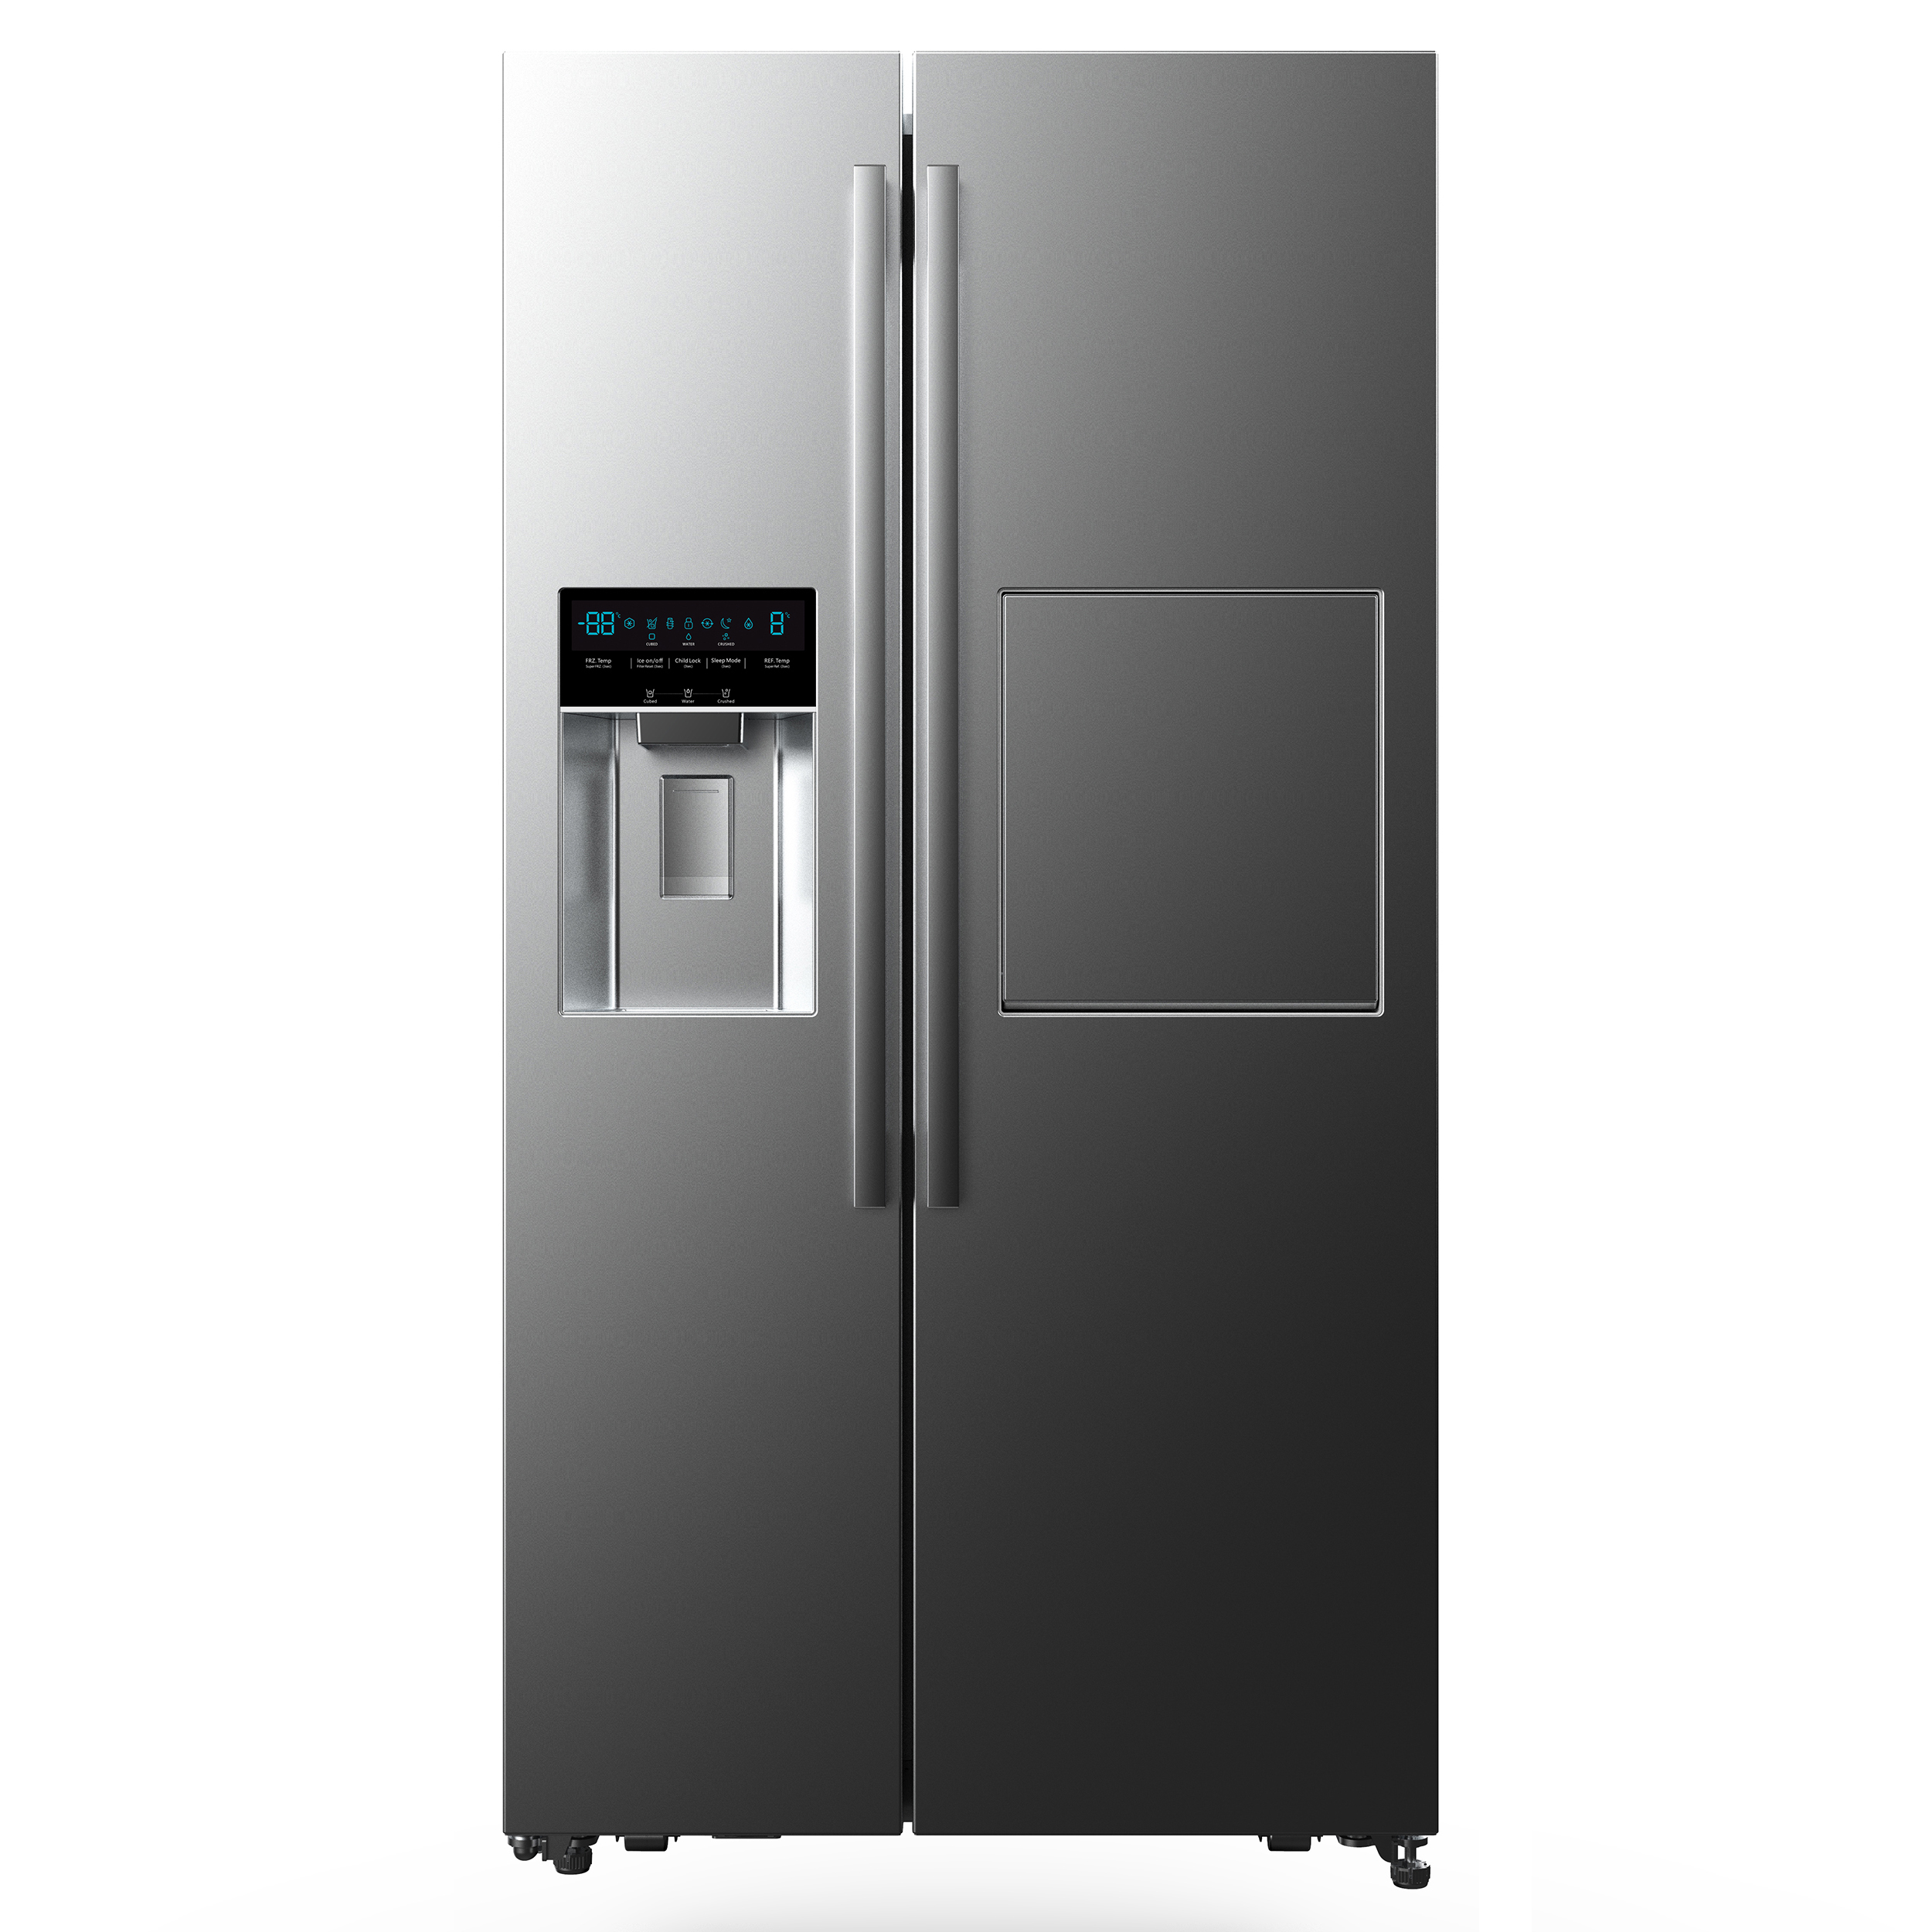 فروش نقدی و اقساطی یخچال و فریز ساید بای ساید دوو مدل D4S-3340SS